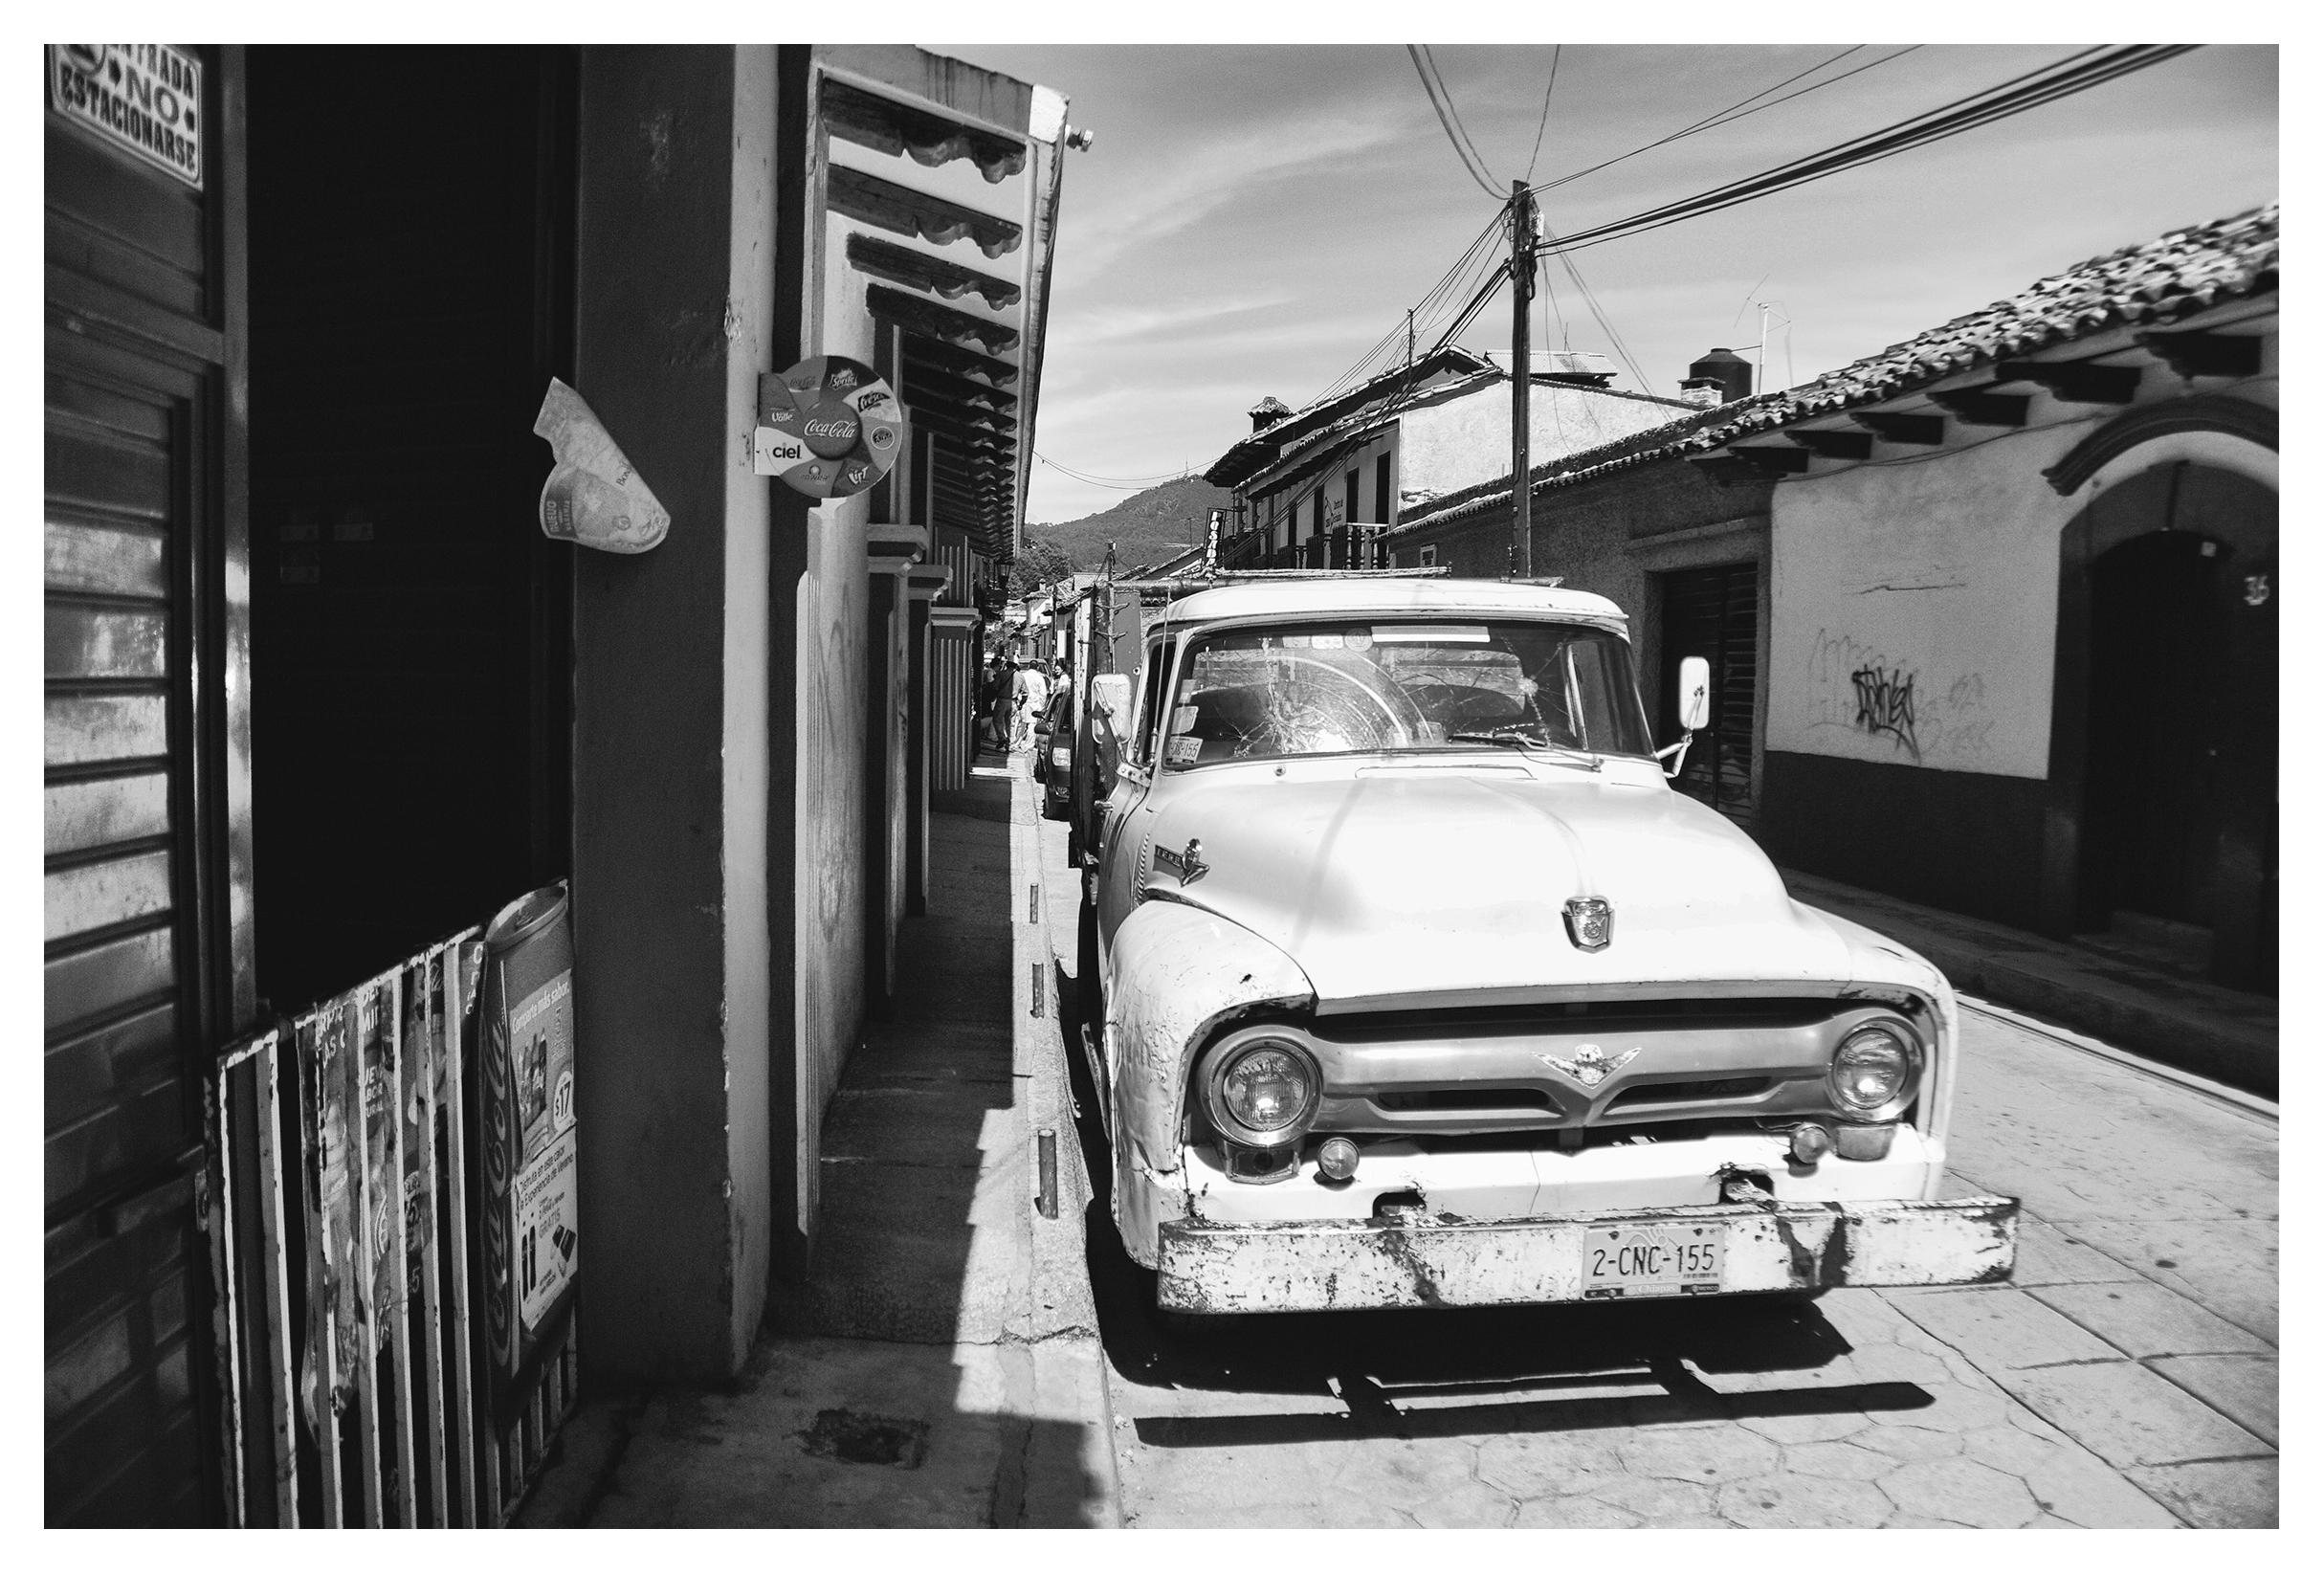 San Cristobal de la Casas (1)